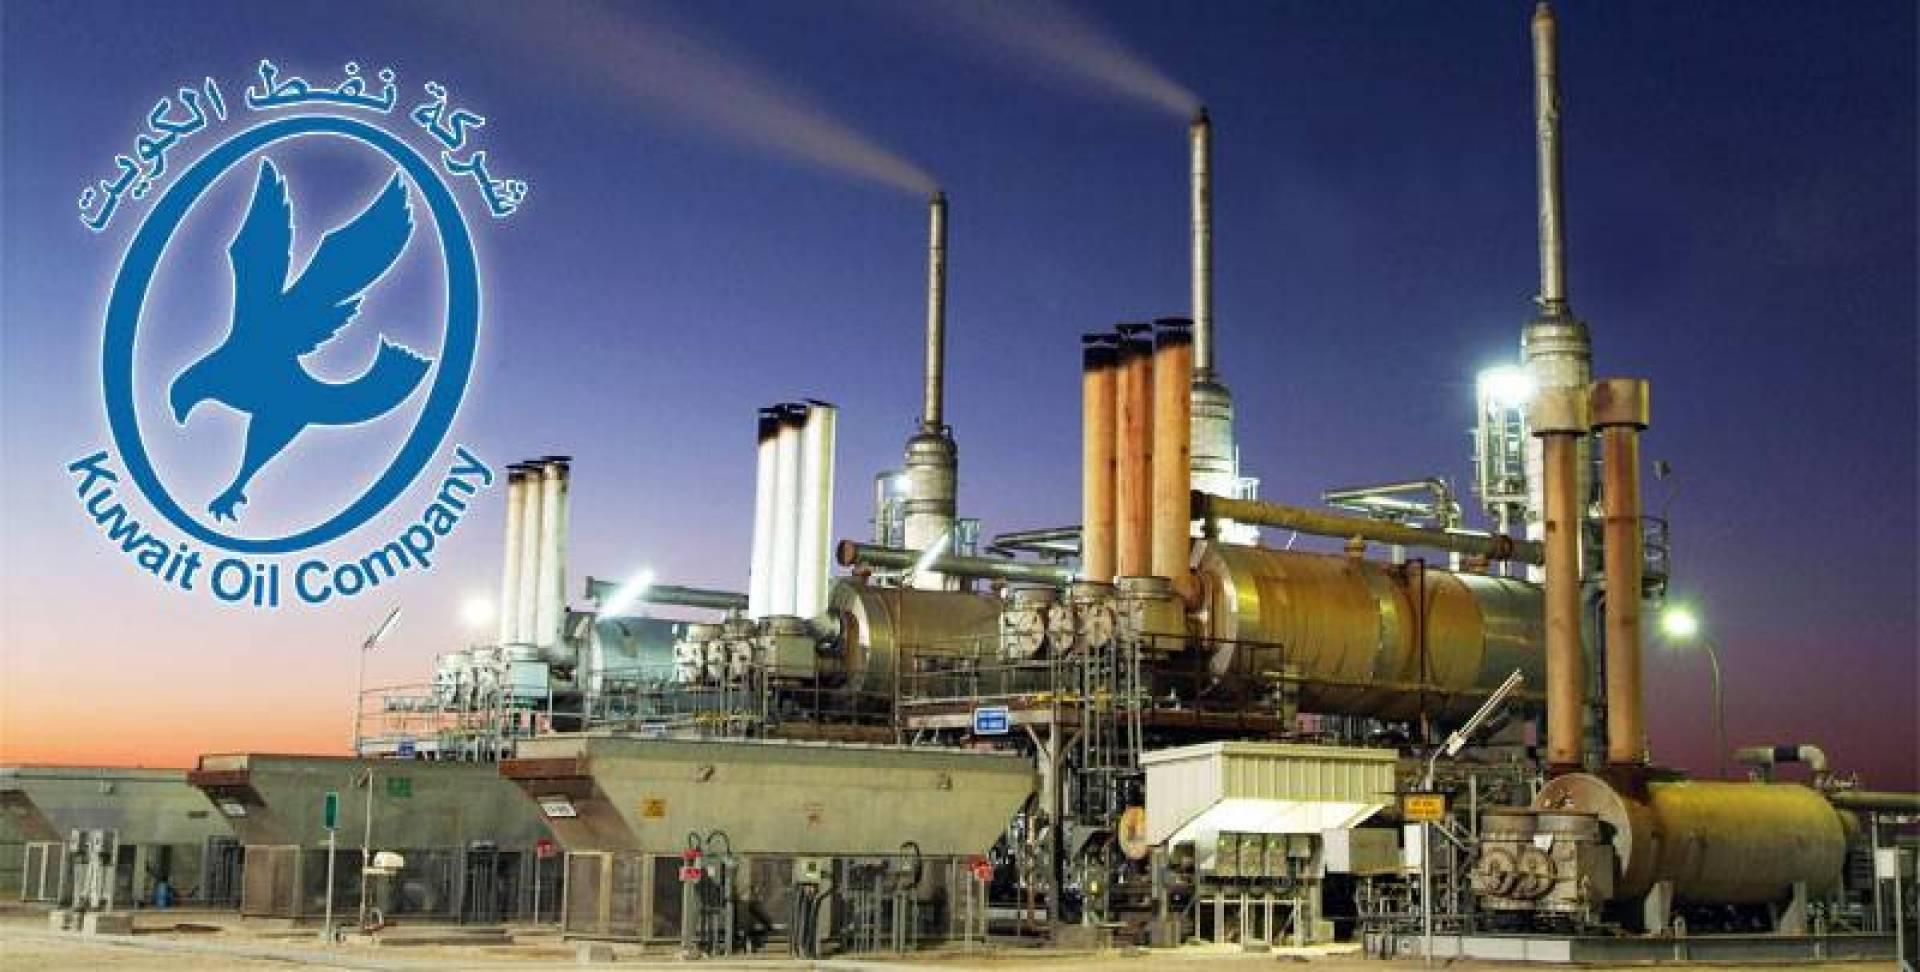 نفط الكويت: إجراء قرعة توزيع المقبولين بإعلان توظيف مؤسسة البترول غداً